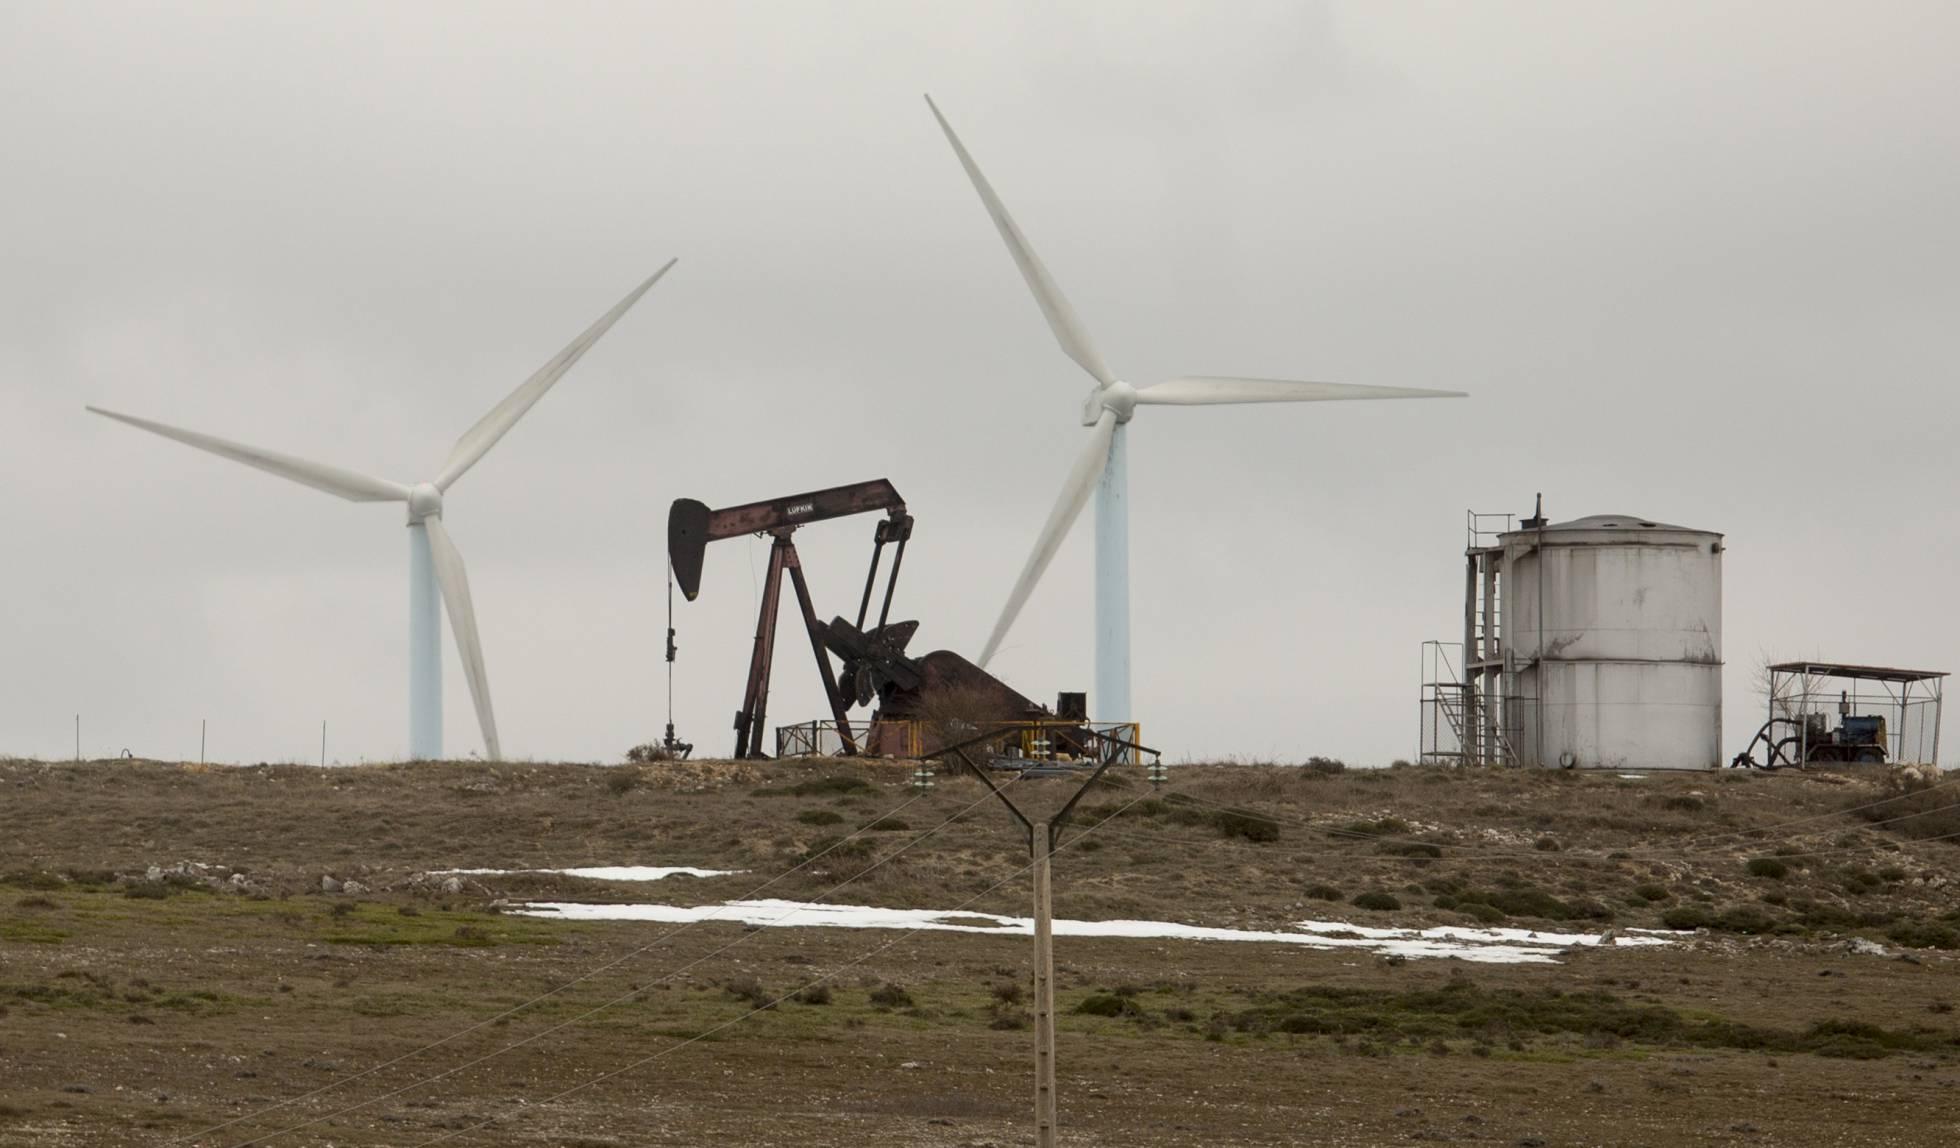 Больше никто не ищет в Испании ни нефть, ни газ